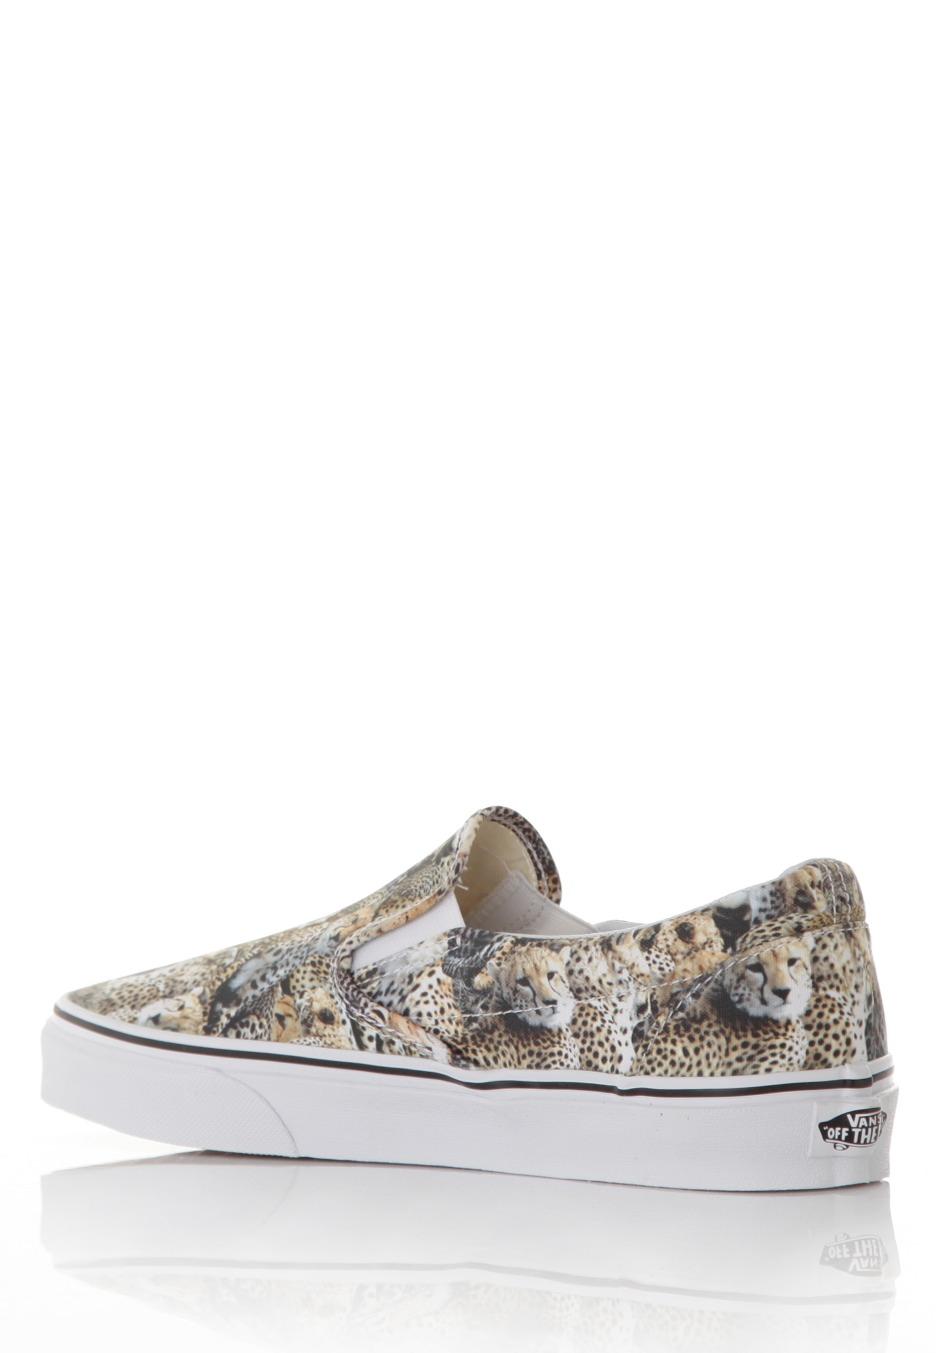 Vans Shoes Kenya